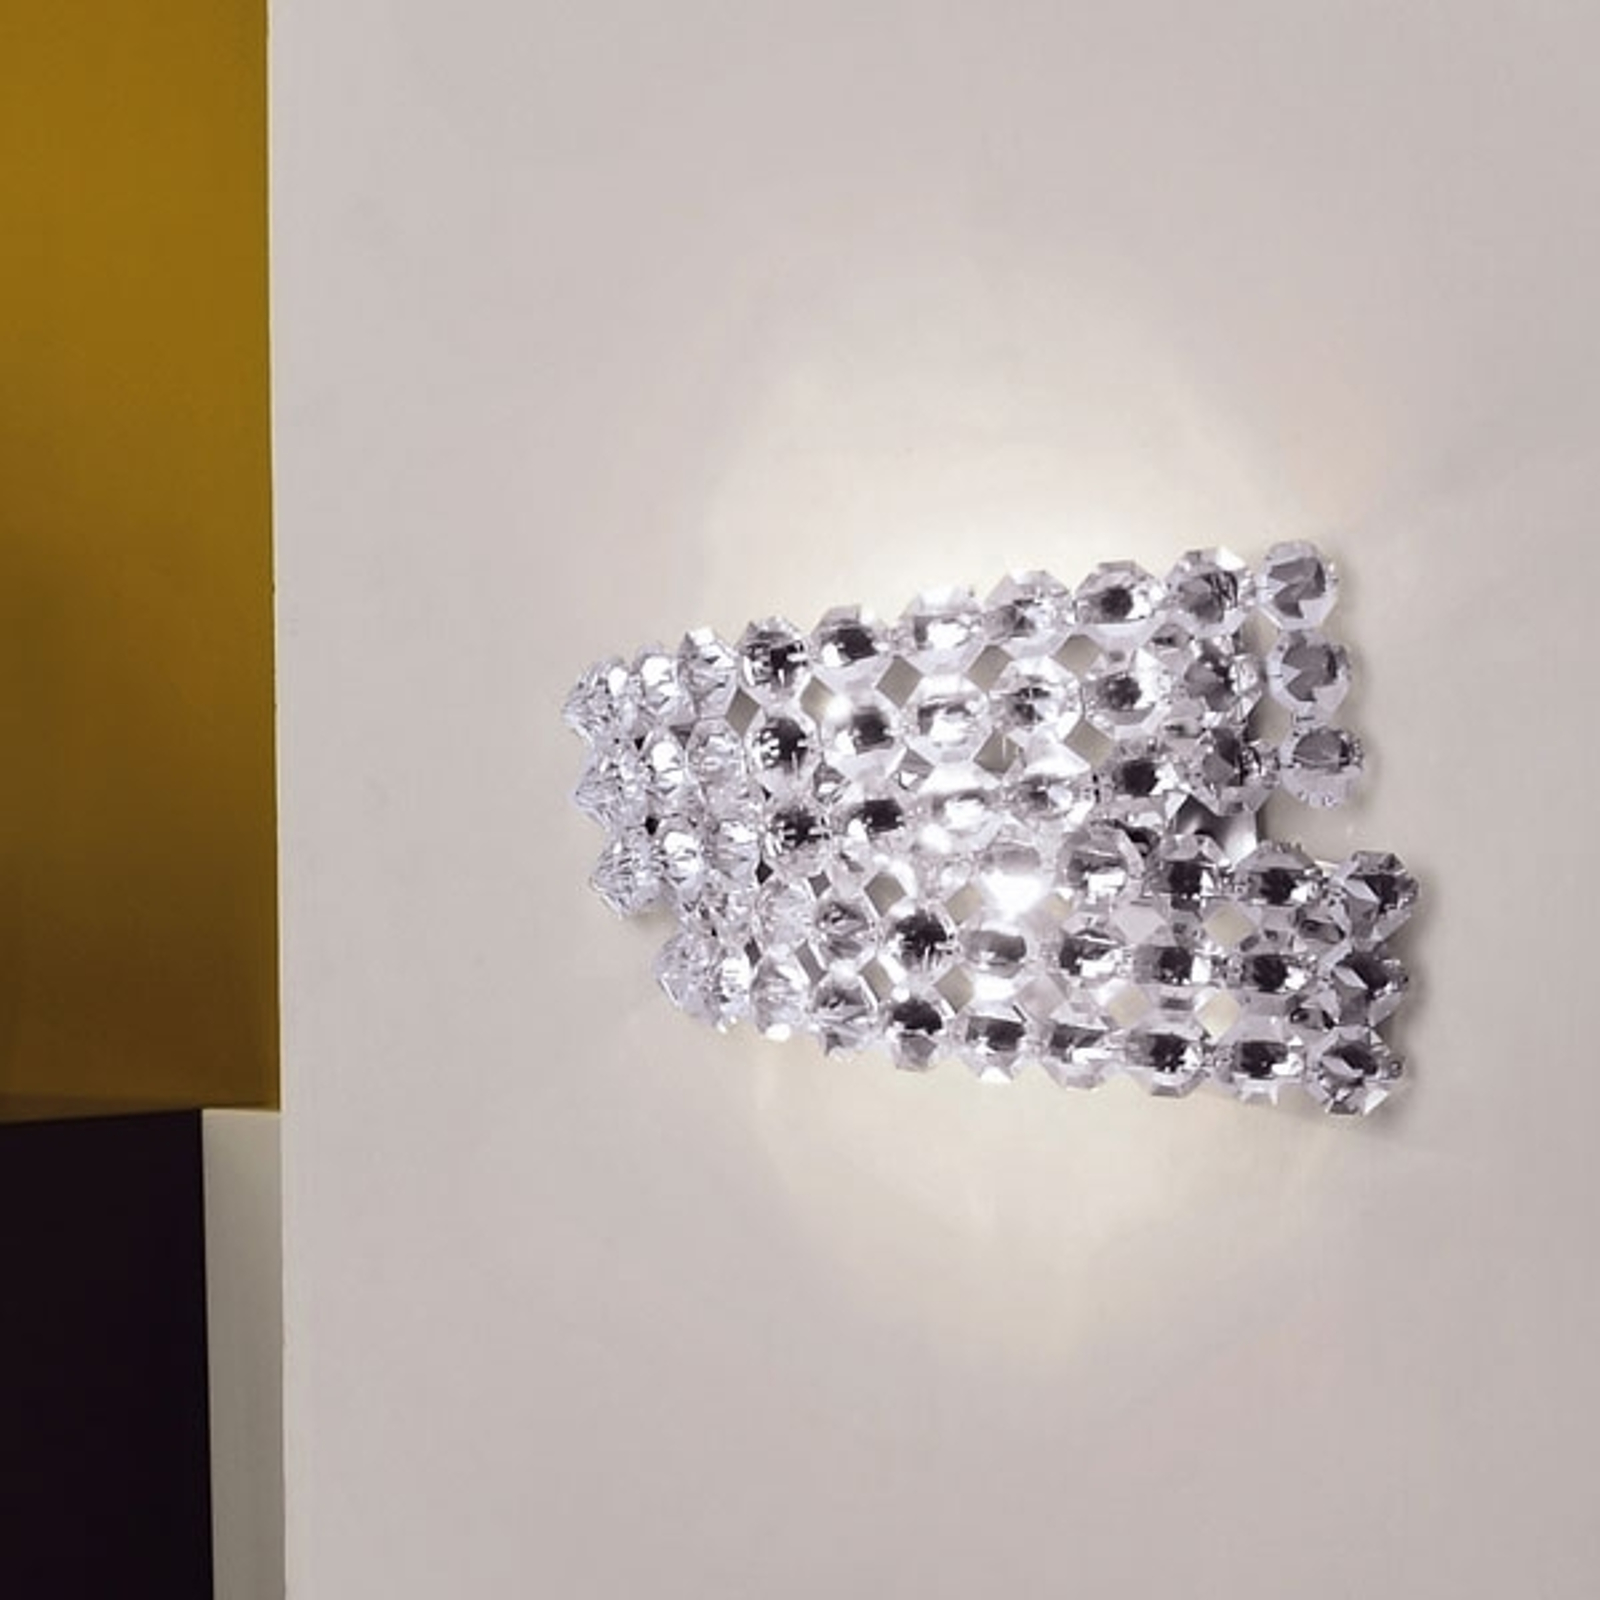 Wandlamp DIAMANTE met kristal